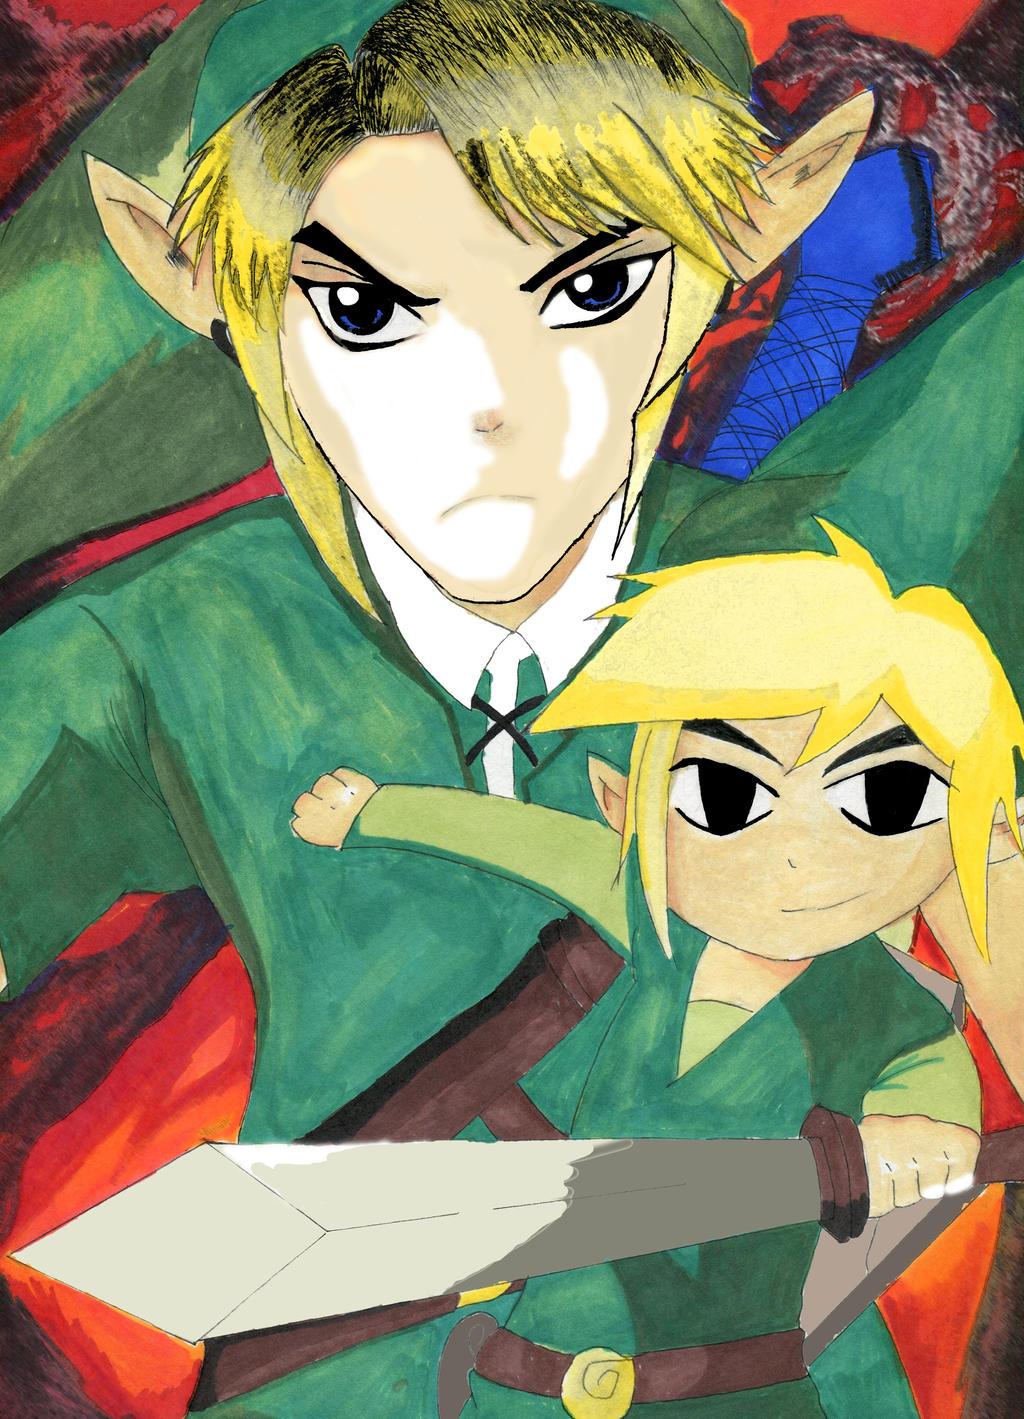 Link by Inkris